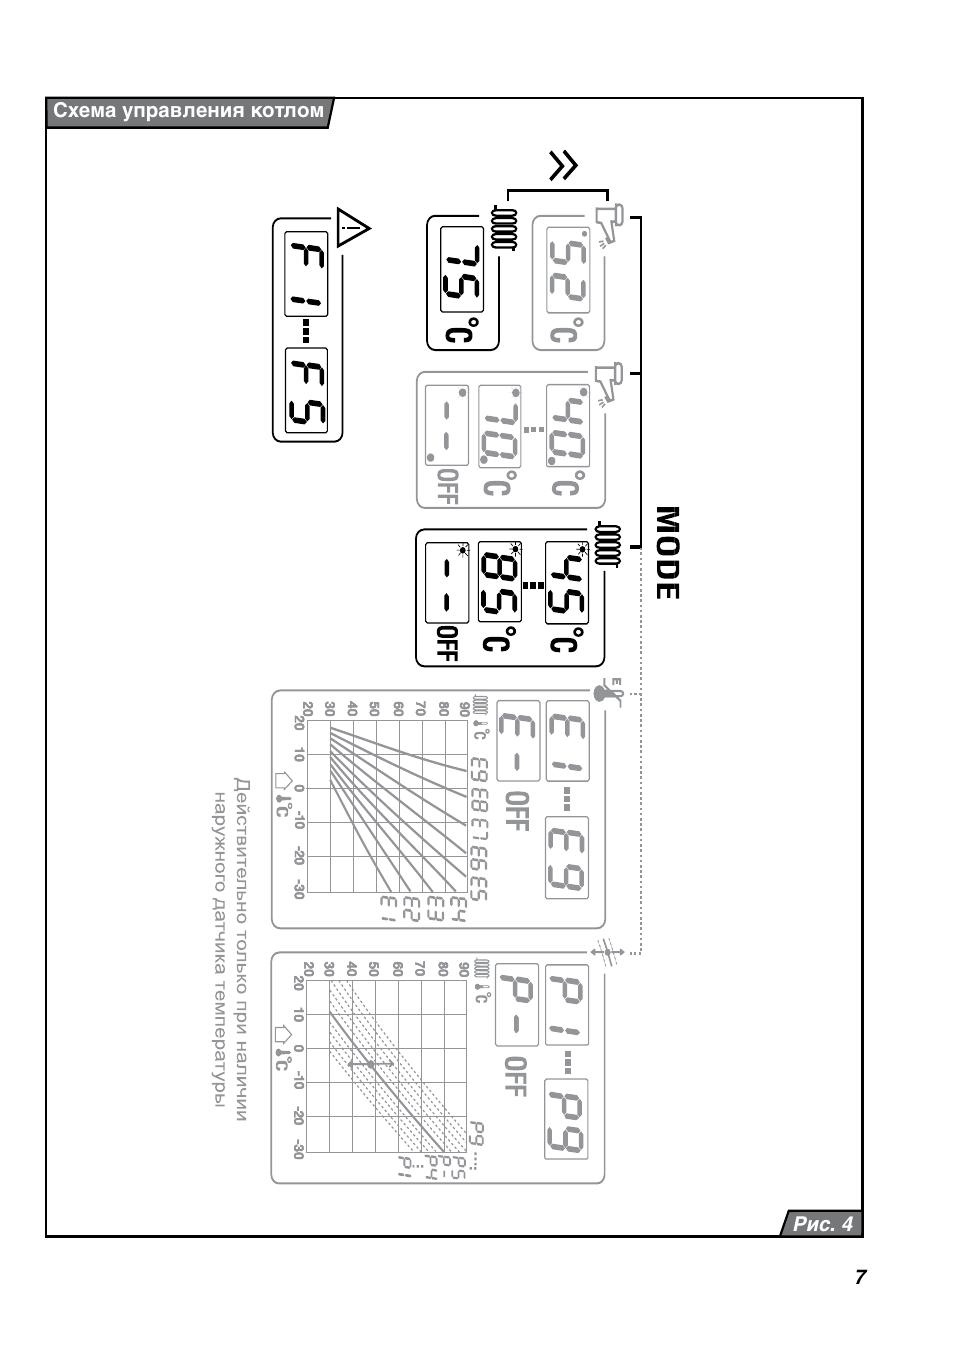 Инструкция по эксплуатации PROTHERM Медведь KLOM